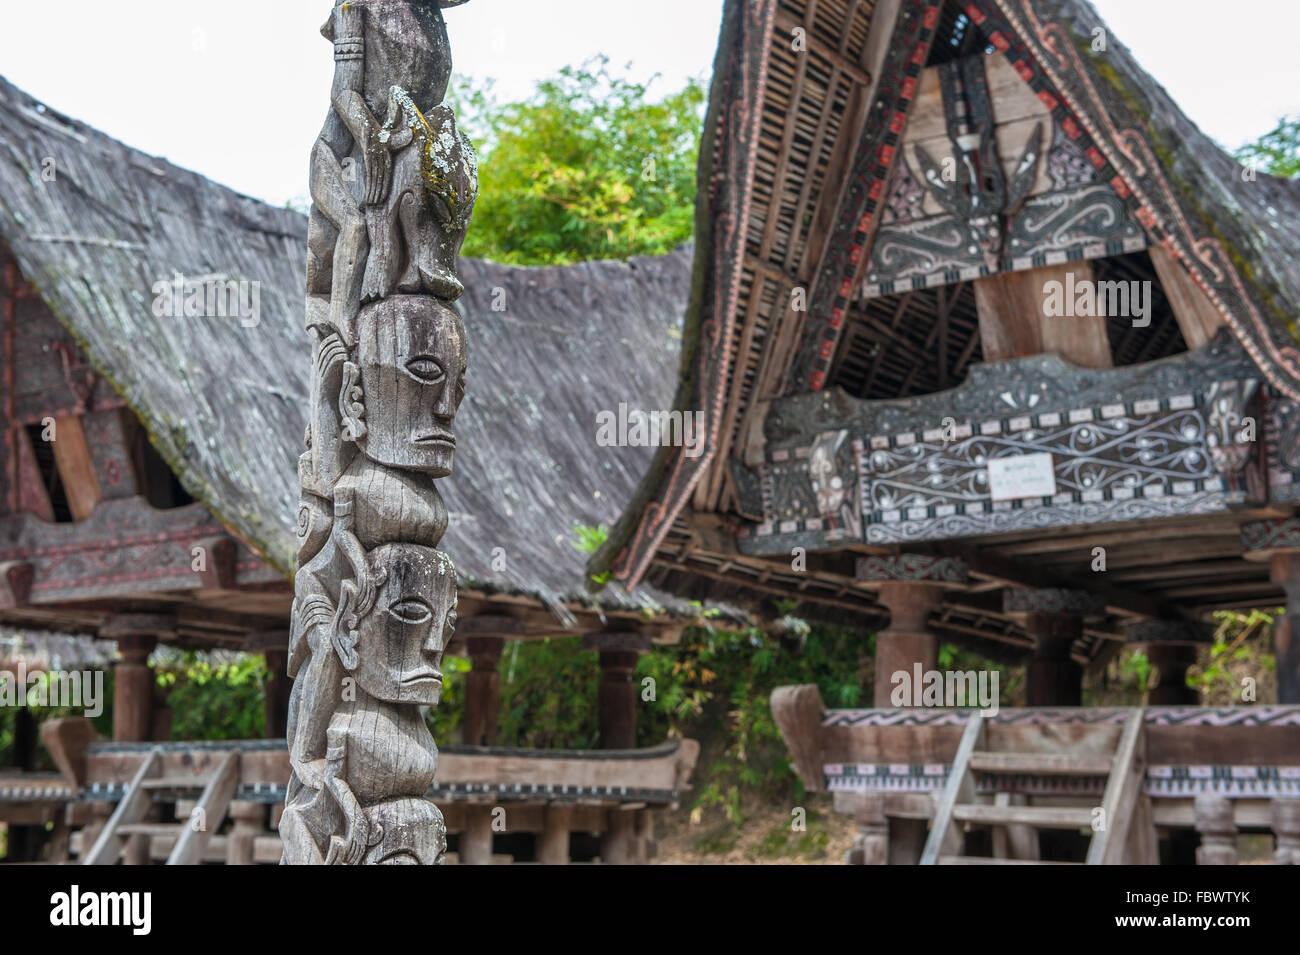 Traditional batak houses, Lake Toba, Sumatra, Indonesia - Stock Image